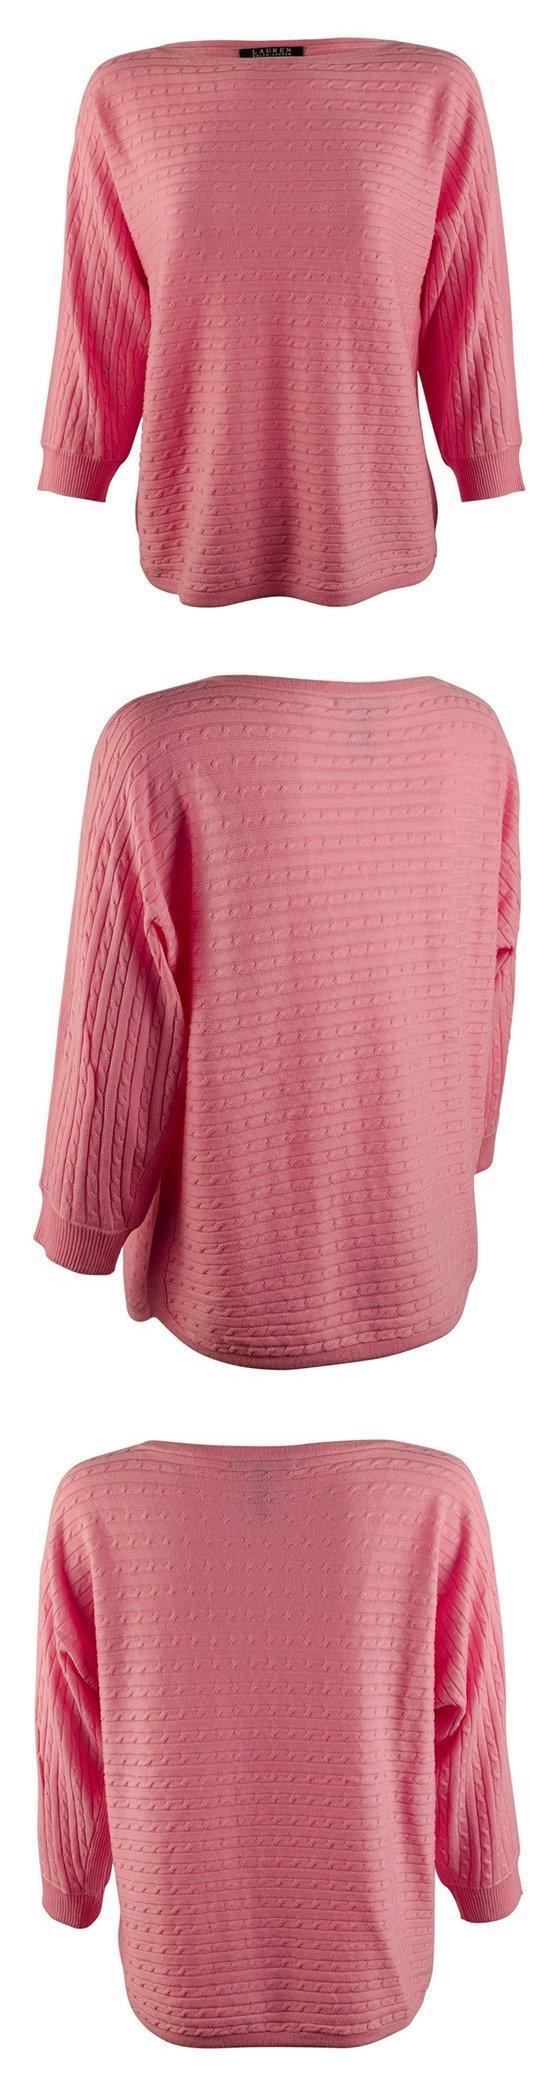 $38 - Lauren Ralph Lauren Womens Cable Knit Silk Blend Pullover Top Garden Pink #ralphlauren